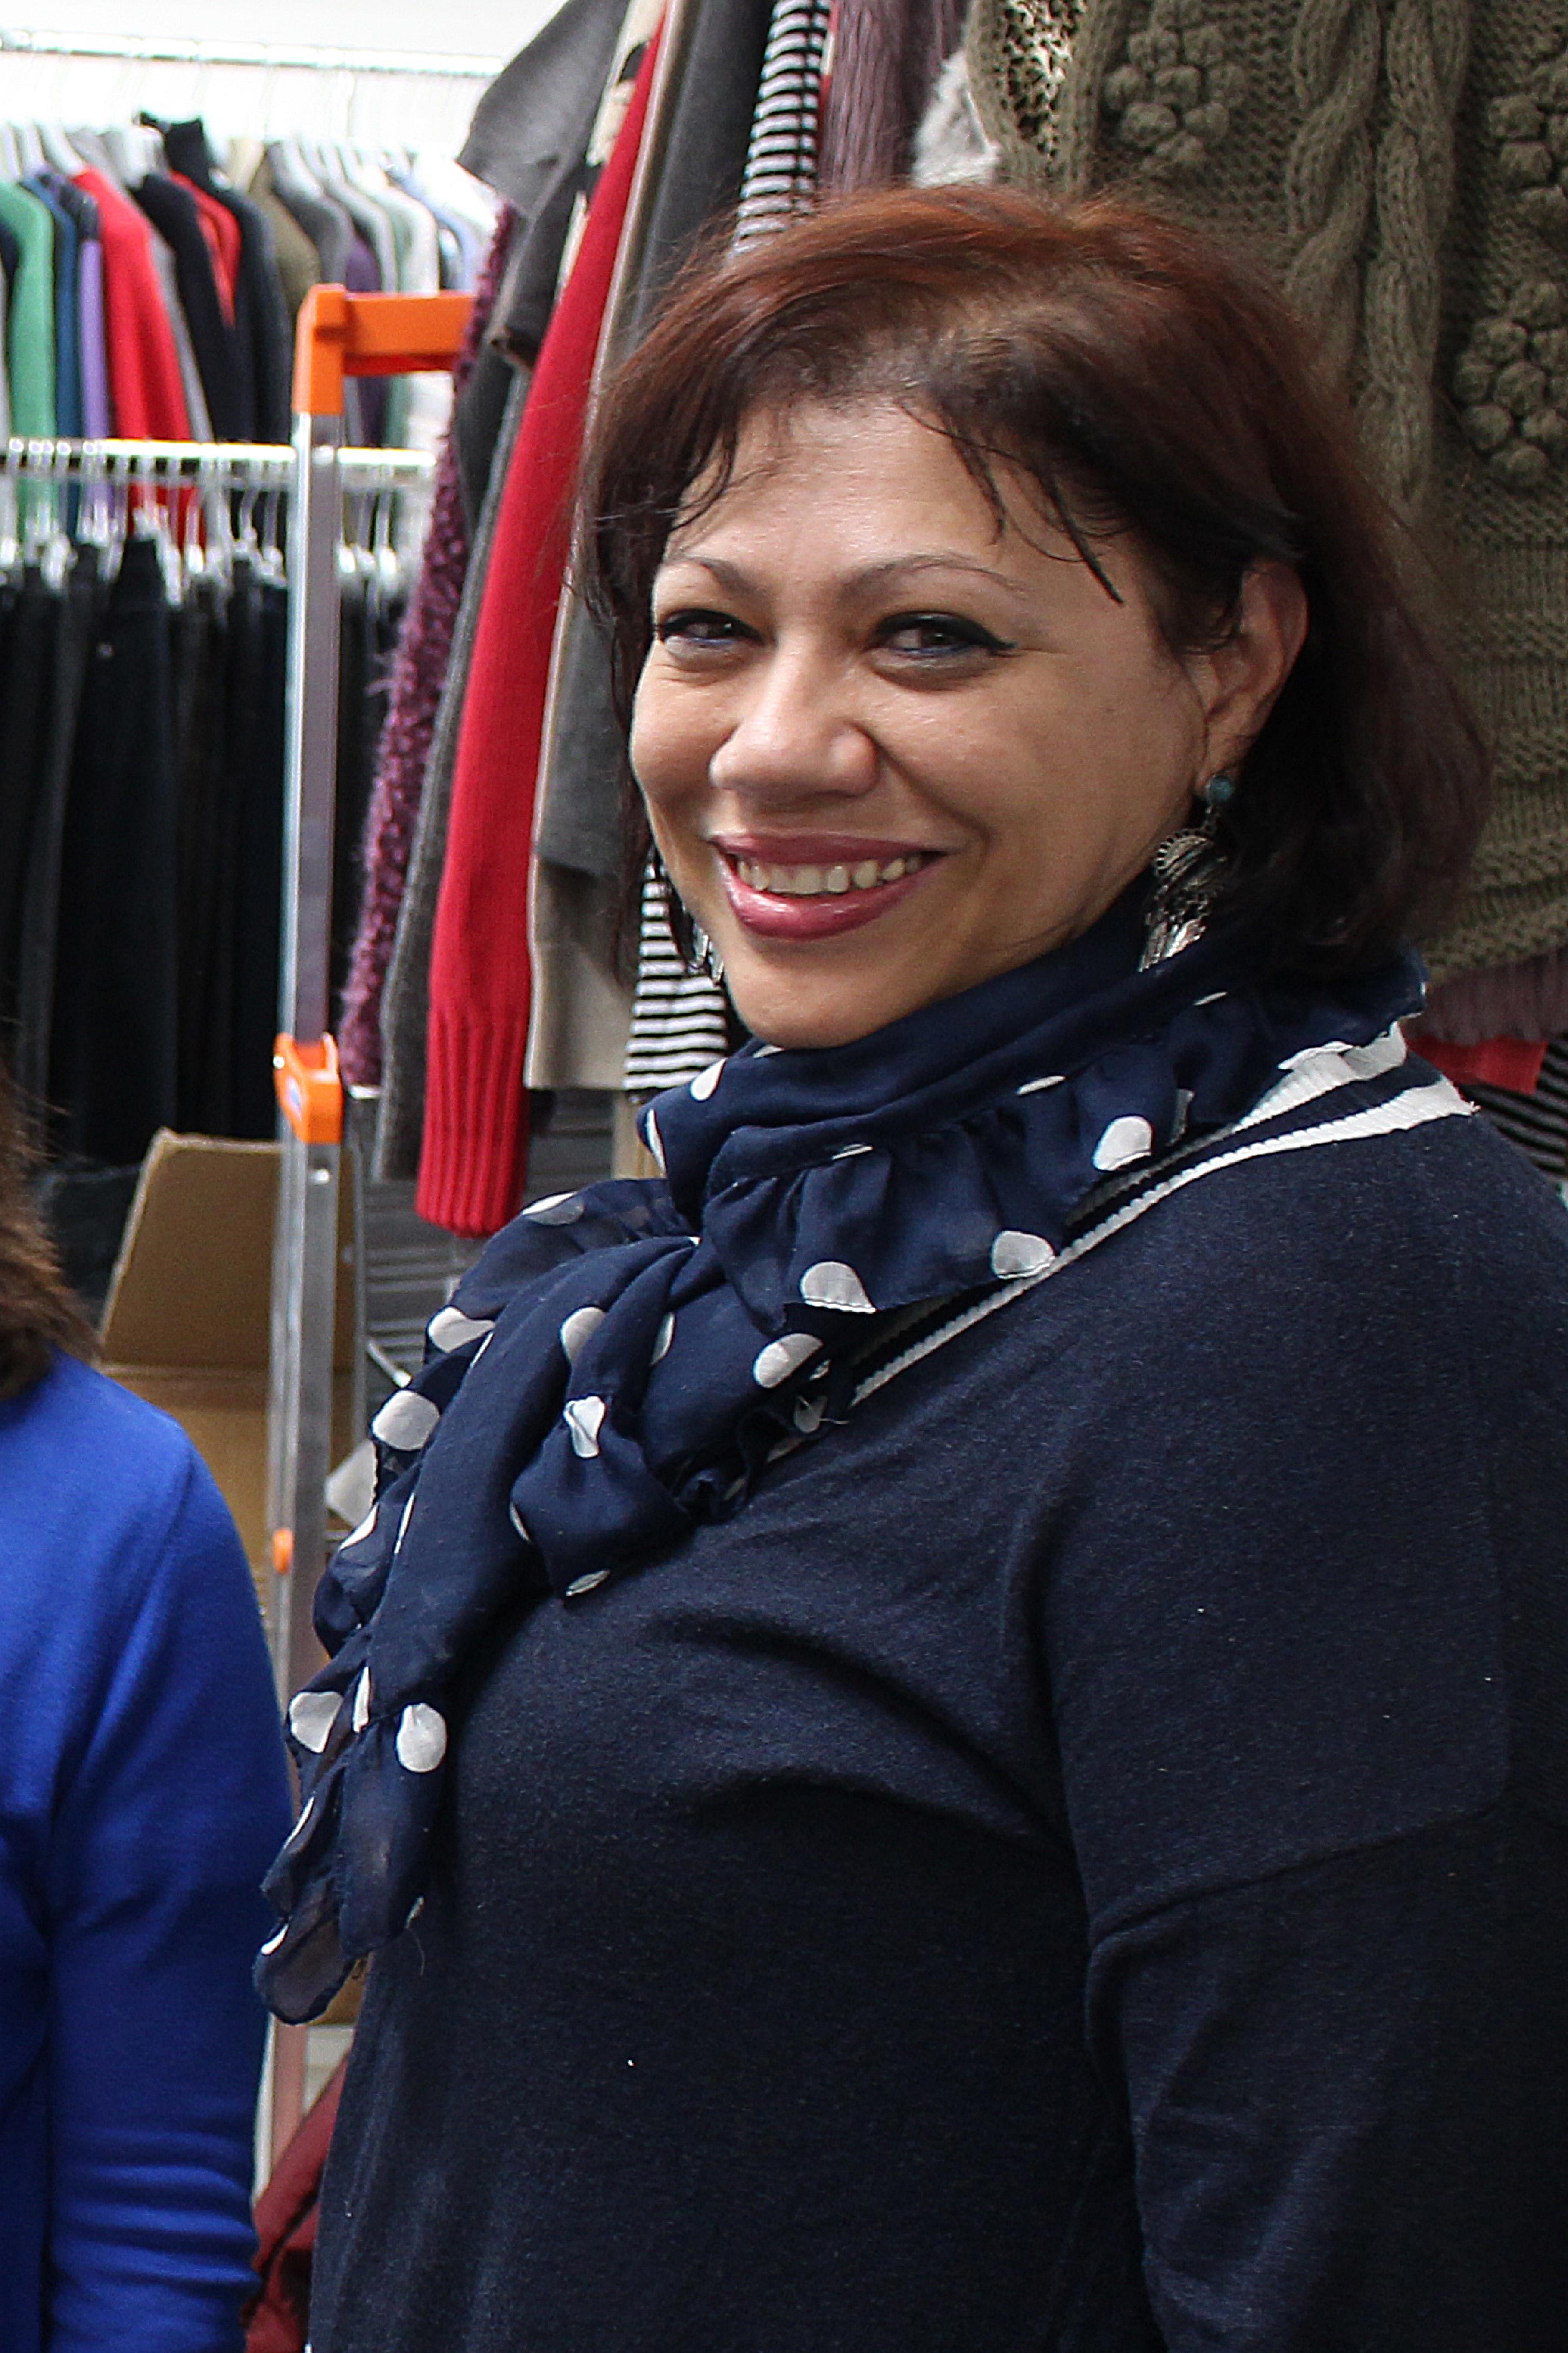 Die Südafrikanerin Lucille Dill-Bowers, 47, gehört seit Beginn an zum ehrenamtlichen Team des Oxfam Shop Essen und freut sich mit rund 40 Kolleg/innen auf die Eröffnung.